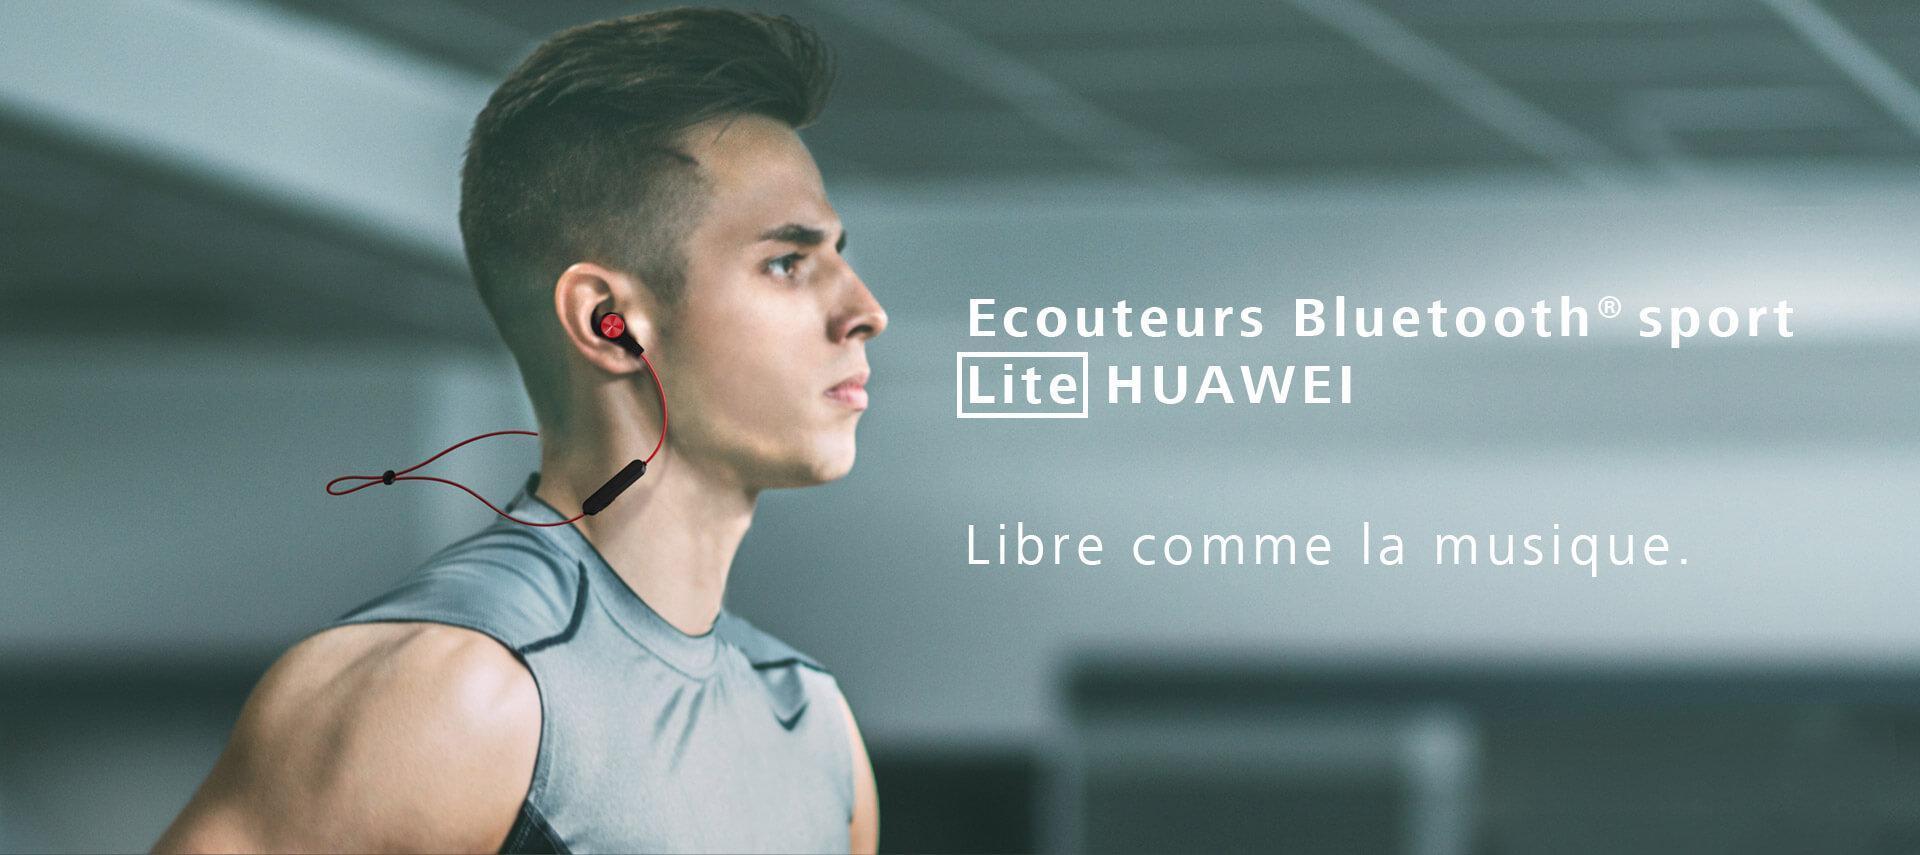 Ecouteurs Huawei Sport Lite   HUAWEI FRANCE